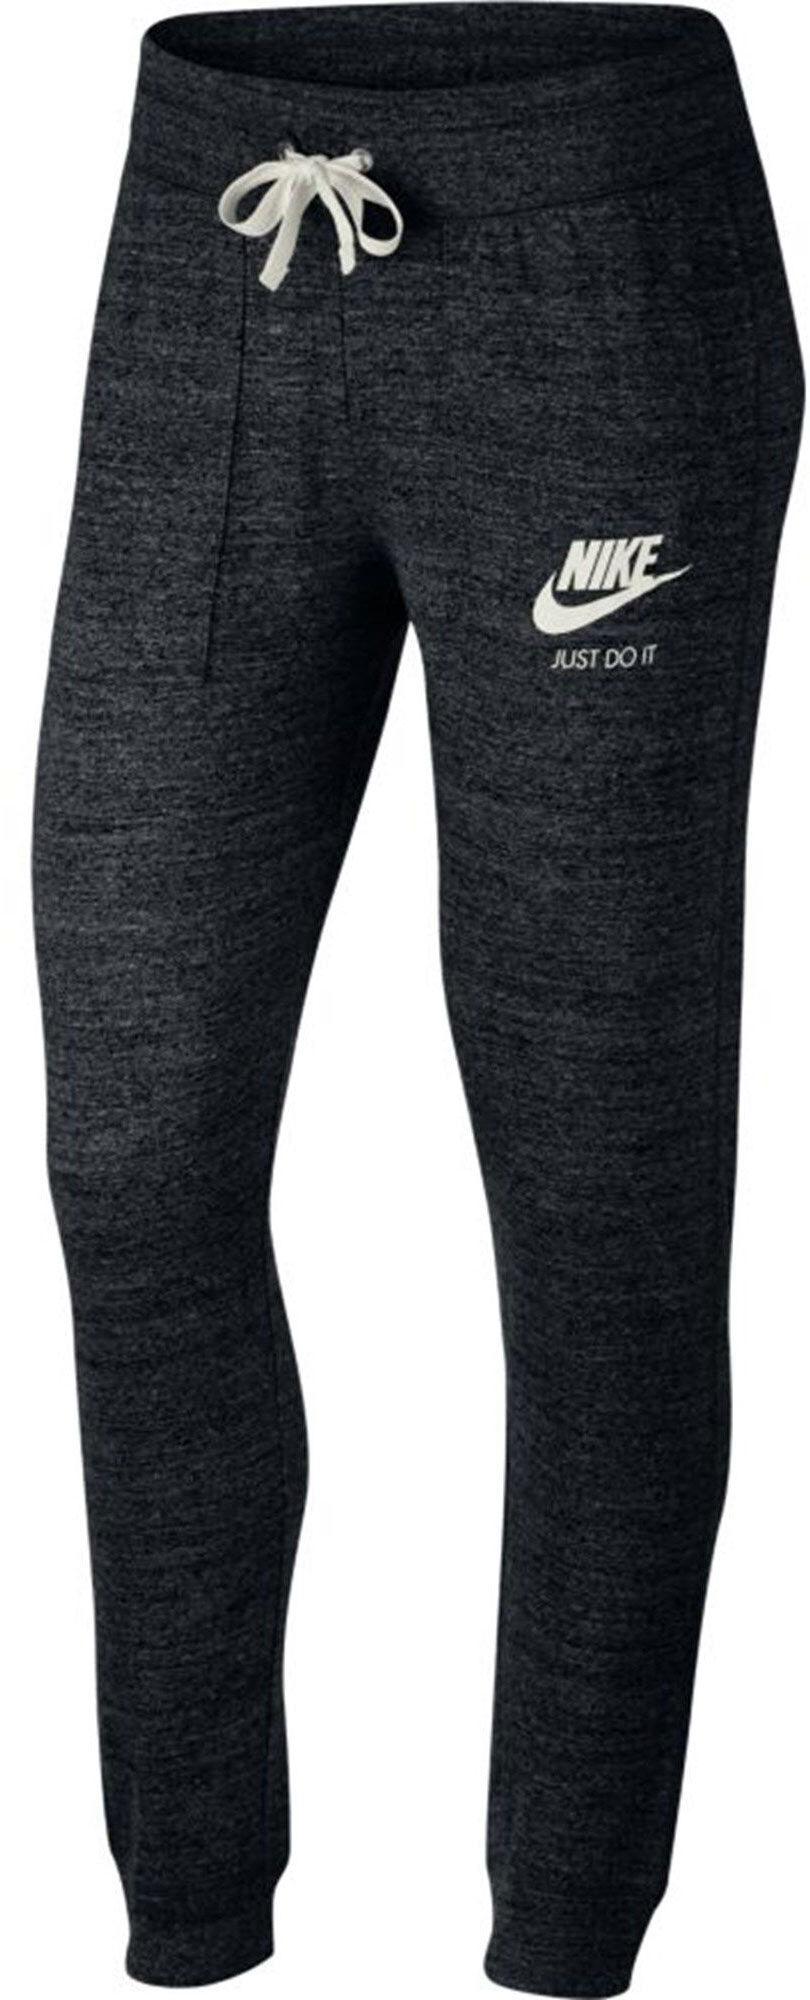 Nike Til Nike Fitness Bukser Bukser KvinderIntersport Fitness Til Fitness Nike KvinderIntersport dxBrCeo